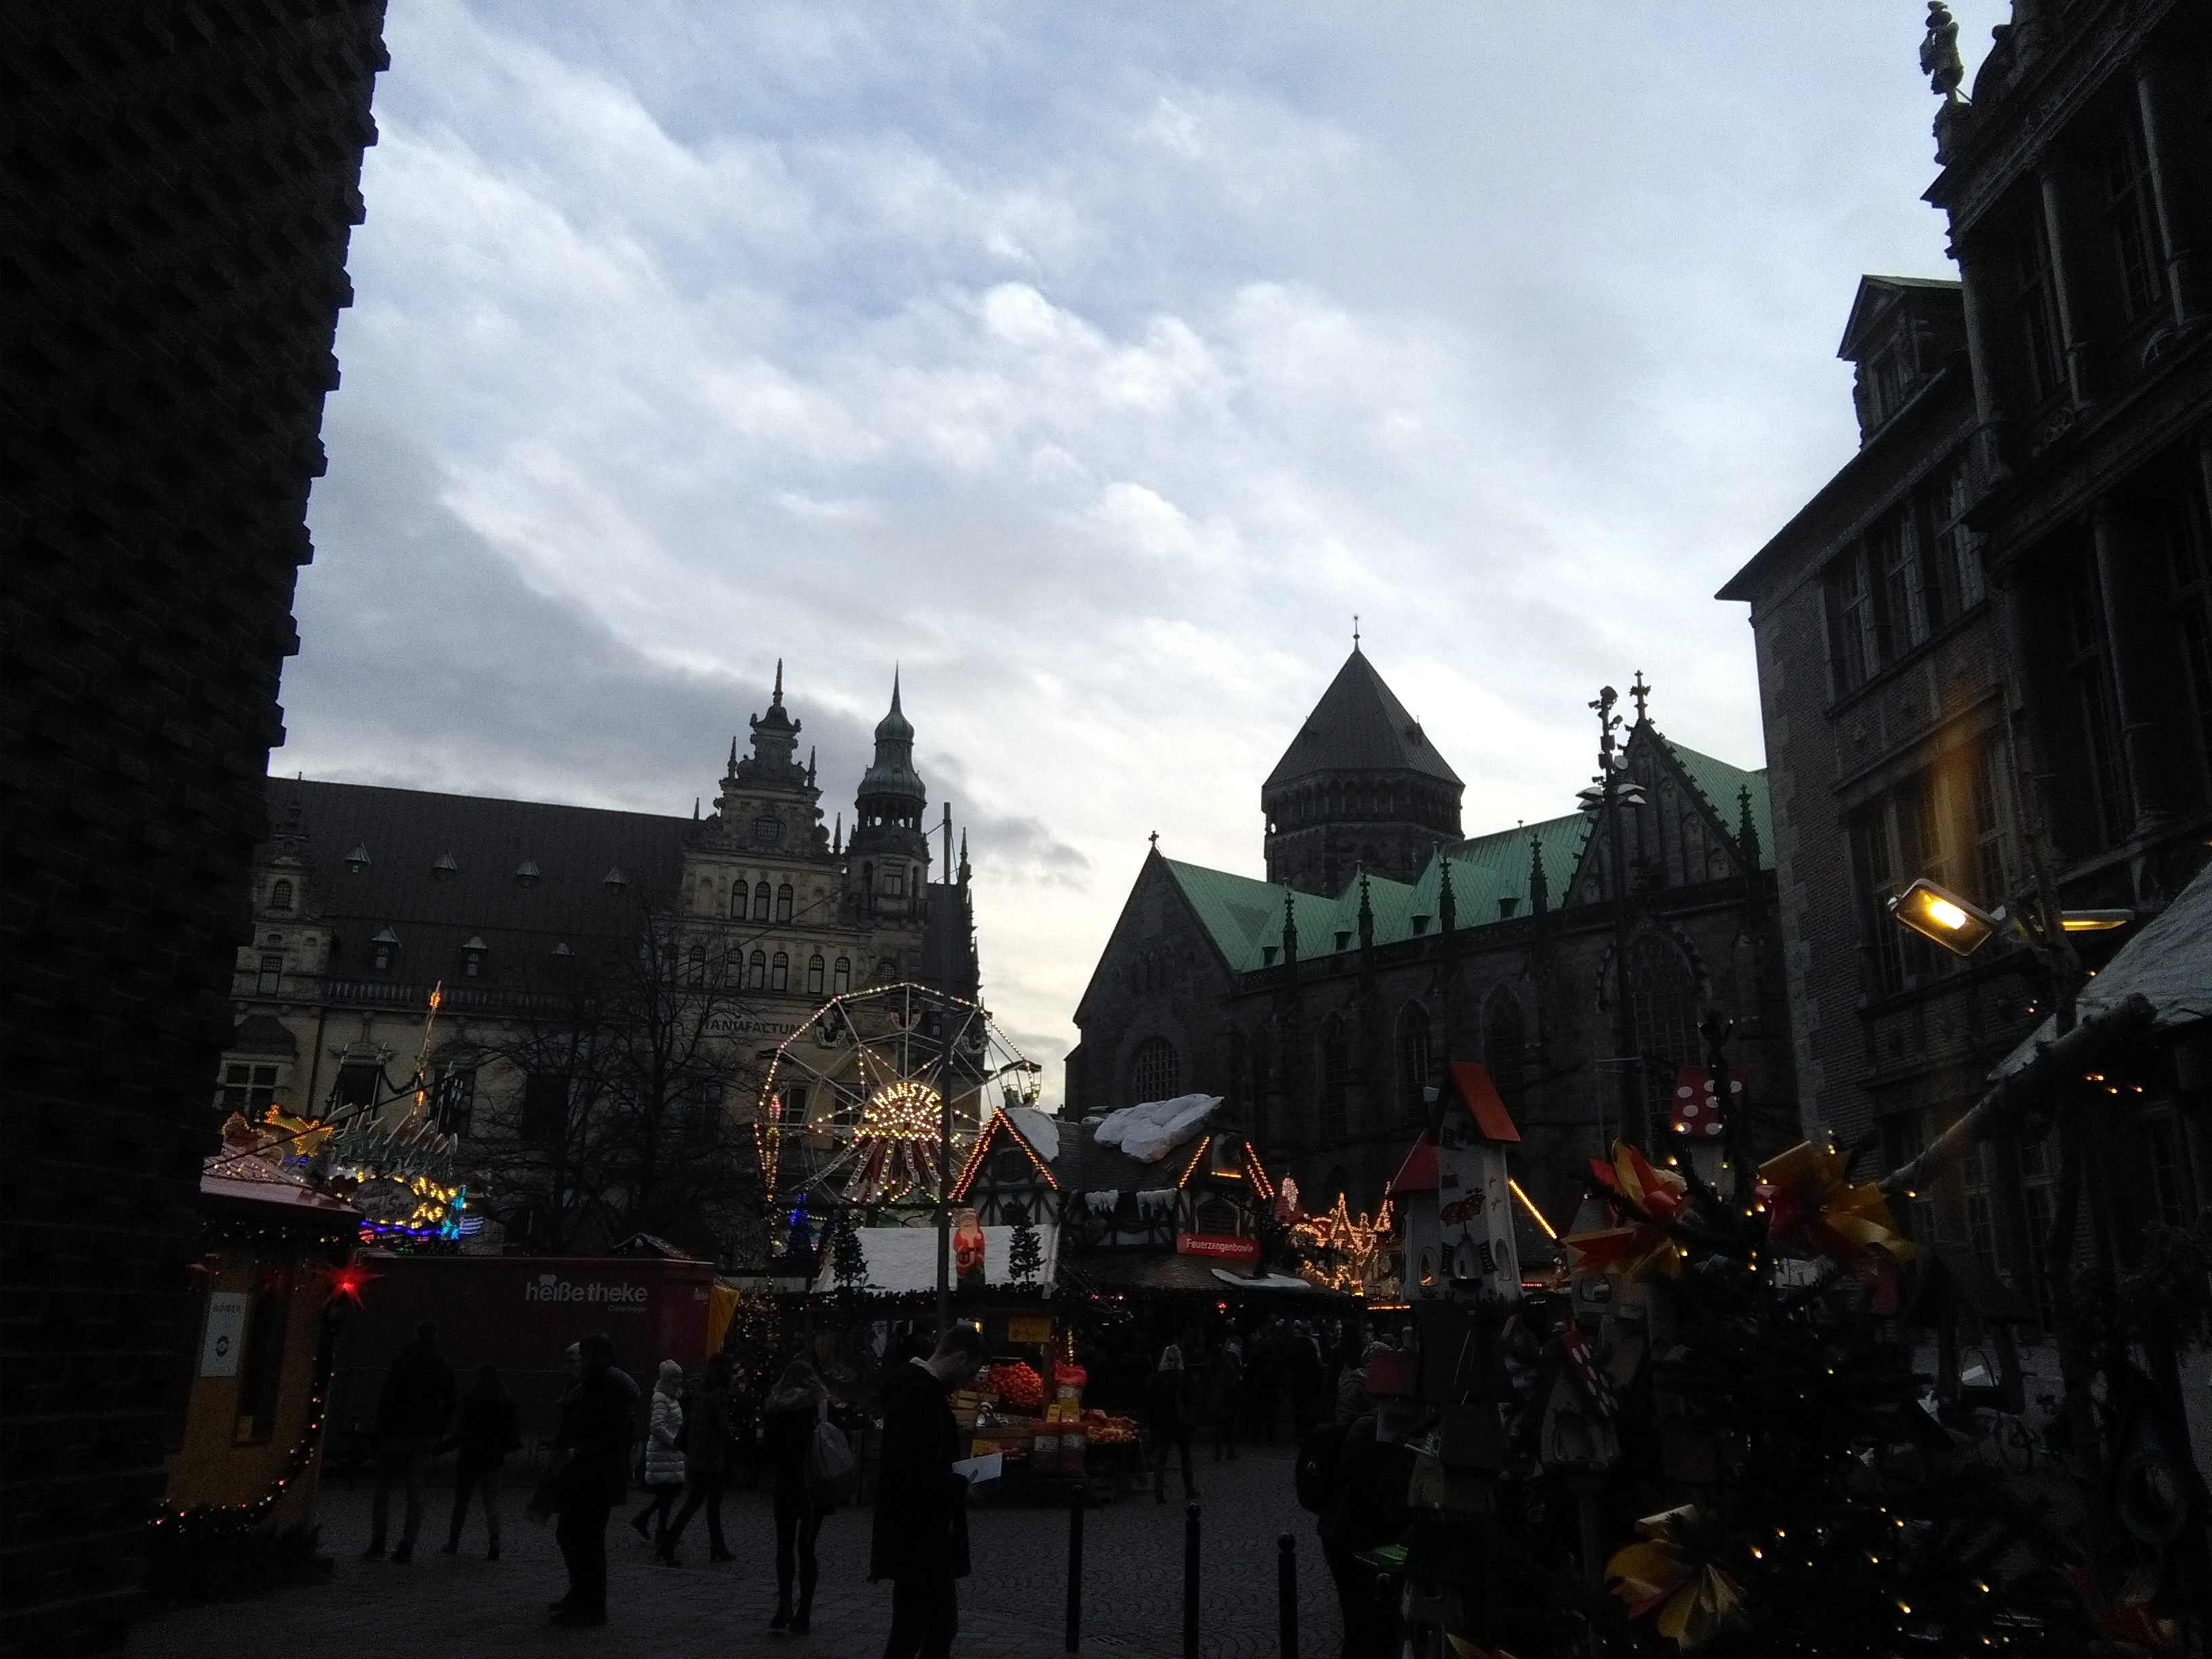 145137-weihnachtsmarkt-staende-riesenrad